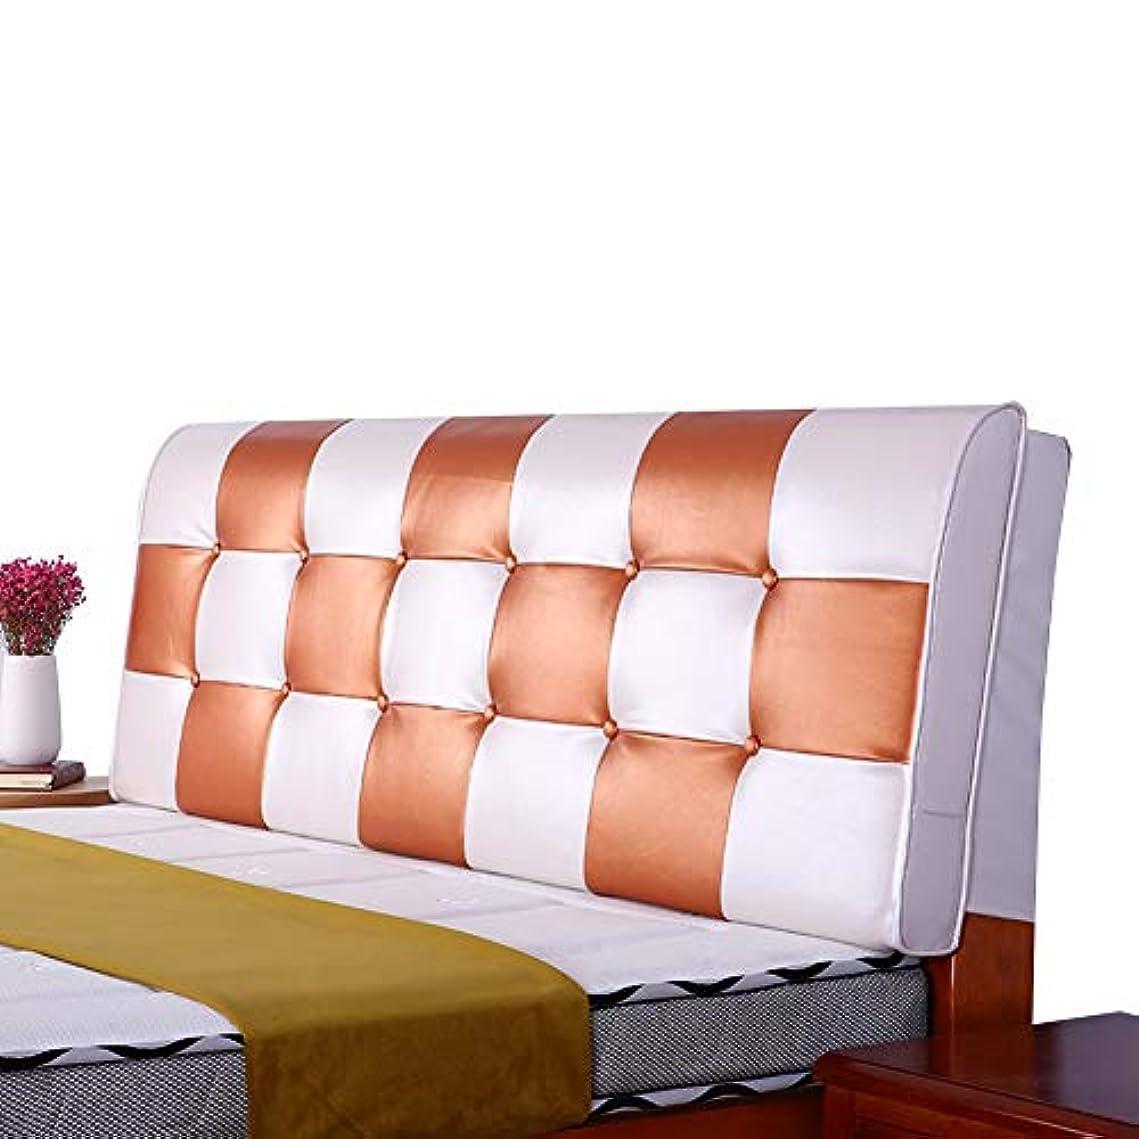 食事所持ドナーLIANGLIANG クションベッドの背もたれ 二人用ロングピロー ベッドレストベッド枕 ソファソフトバッグ PU 通気性 丈夫 5色、12サイズ (色 : Orange, サイズ さいず : 160x58x10cm)